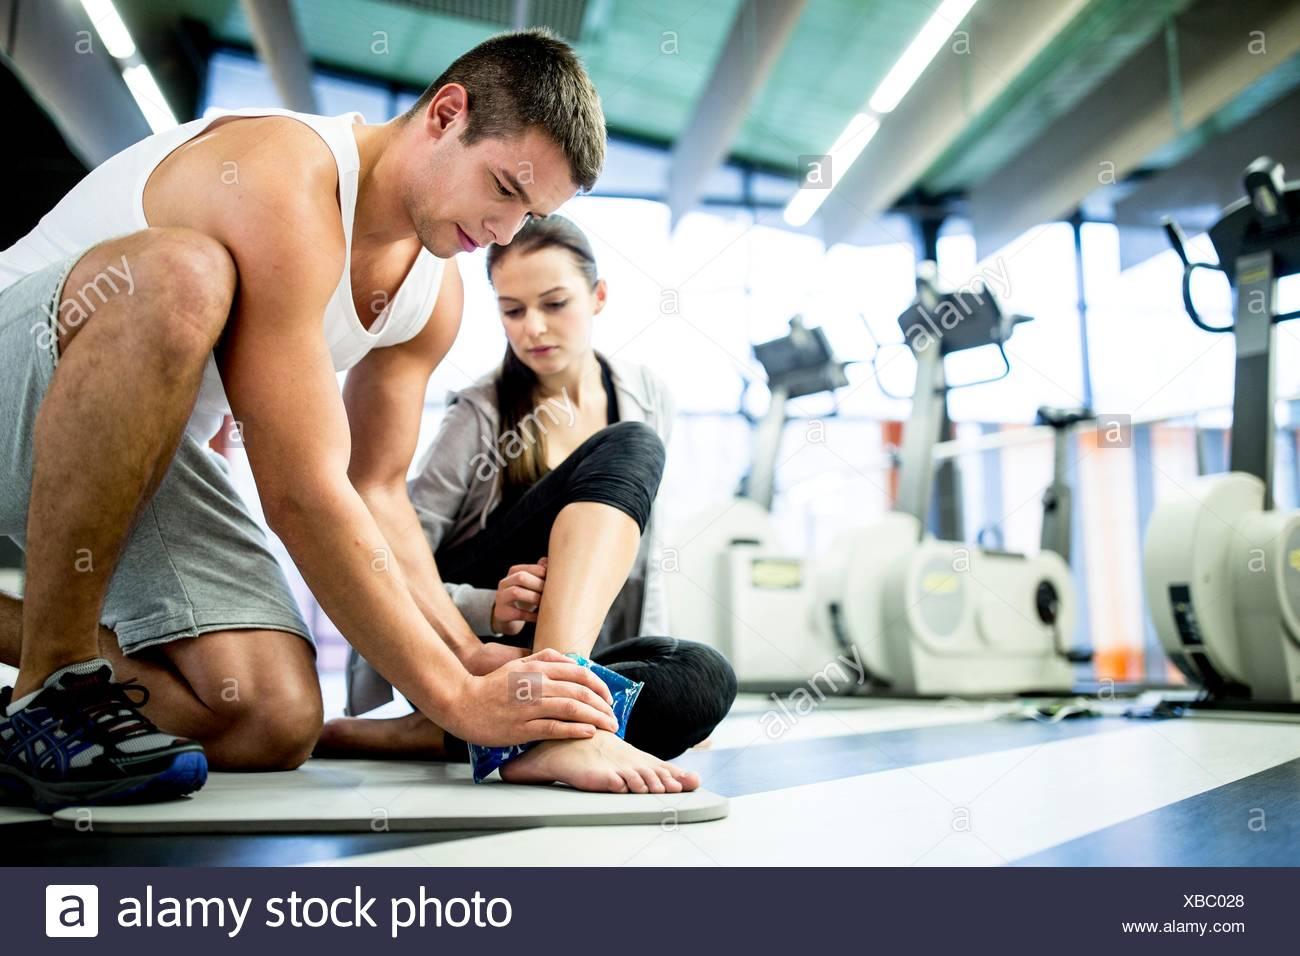 Parution de la propriété. Parution du modèle. Jeune homme l'application de glace sur la cheville de la jeune femme dans une salle de sport. Photo Stock